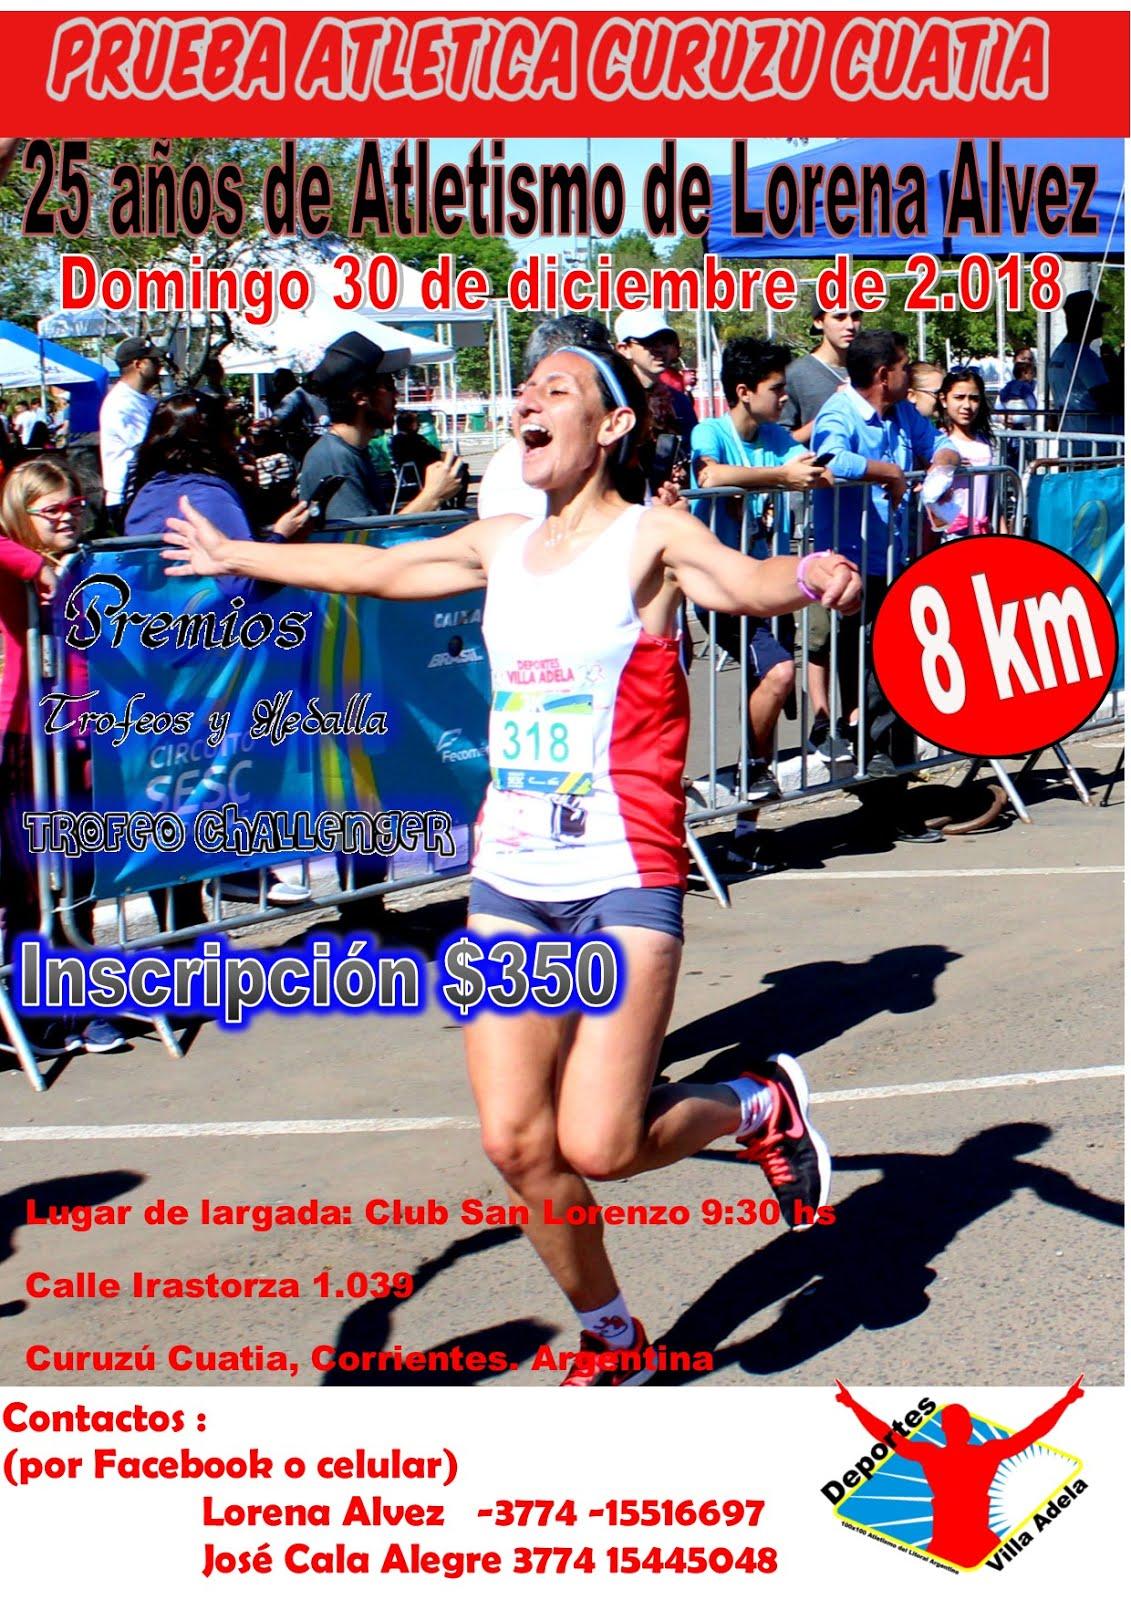 PRUEBA ATLETICA CURUZU CUATIA 2018